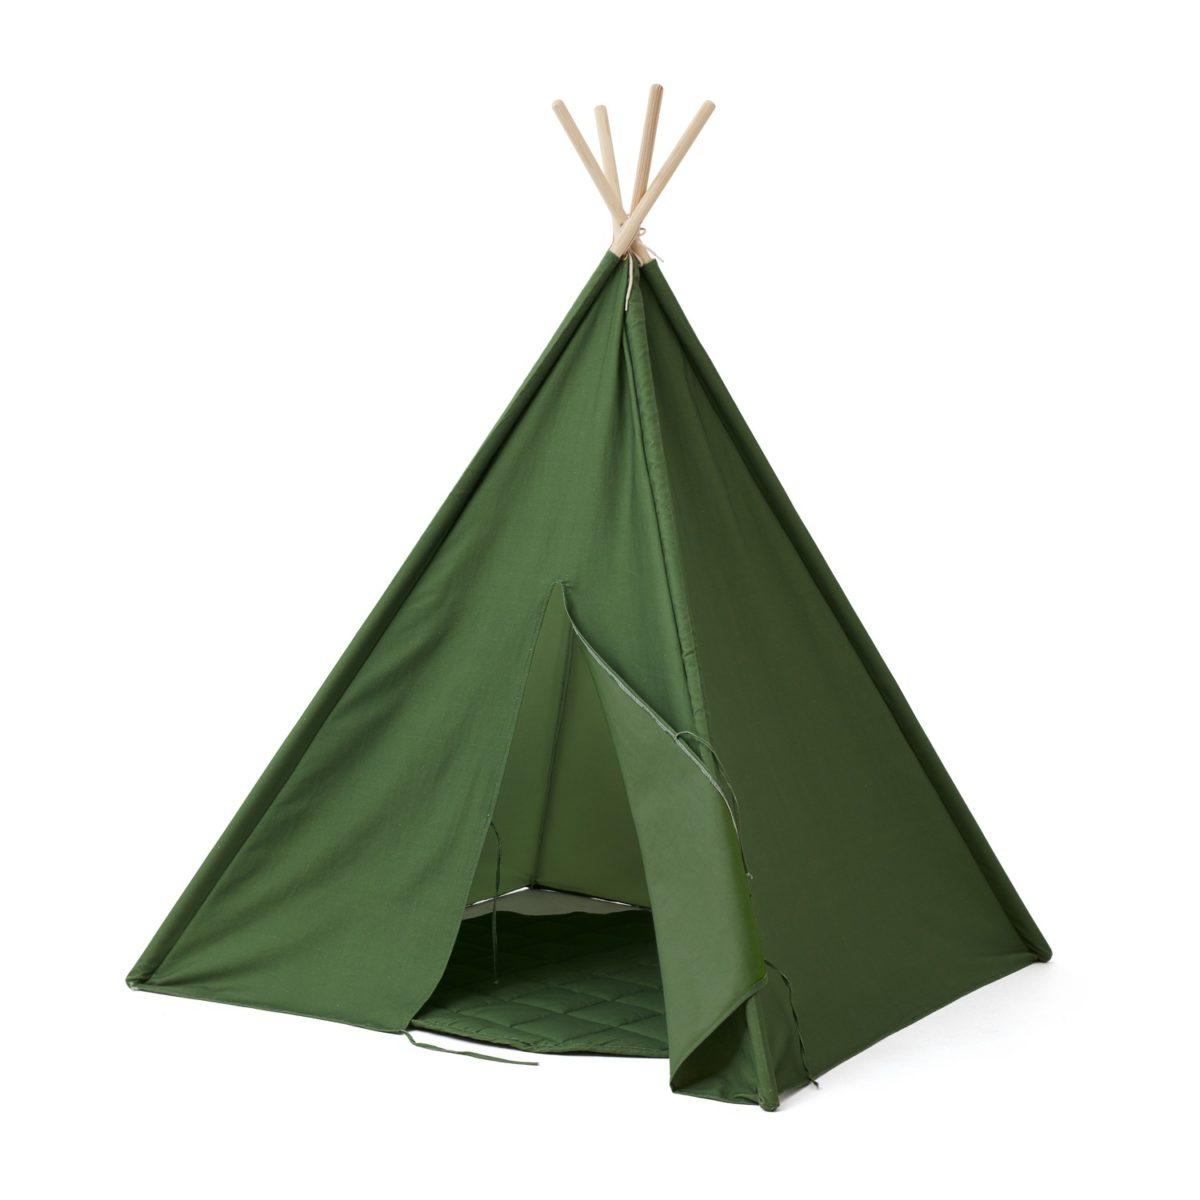 Tipi Zelt H grün 160 cm